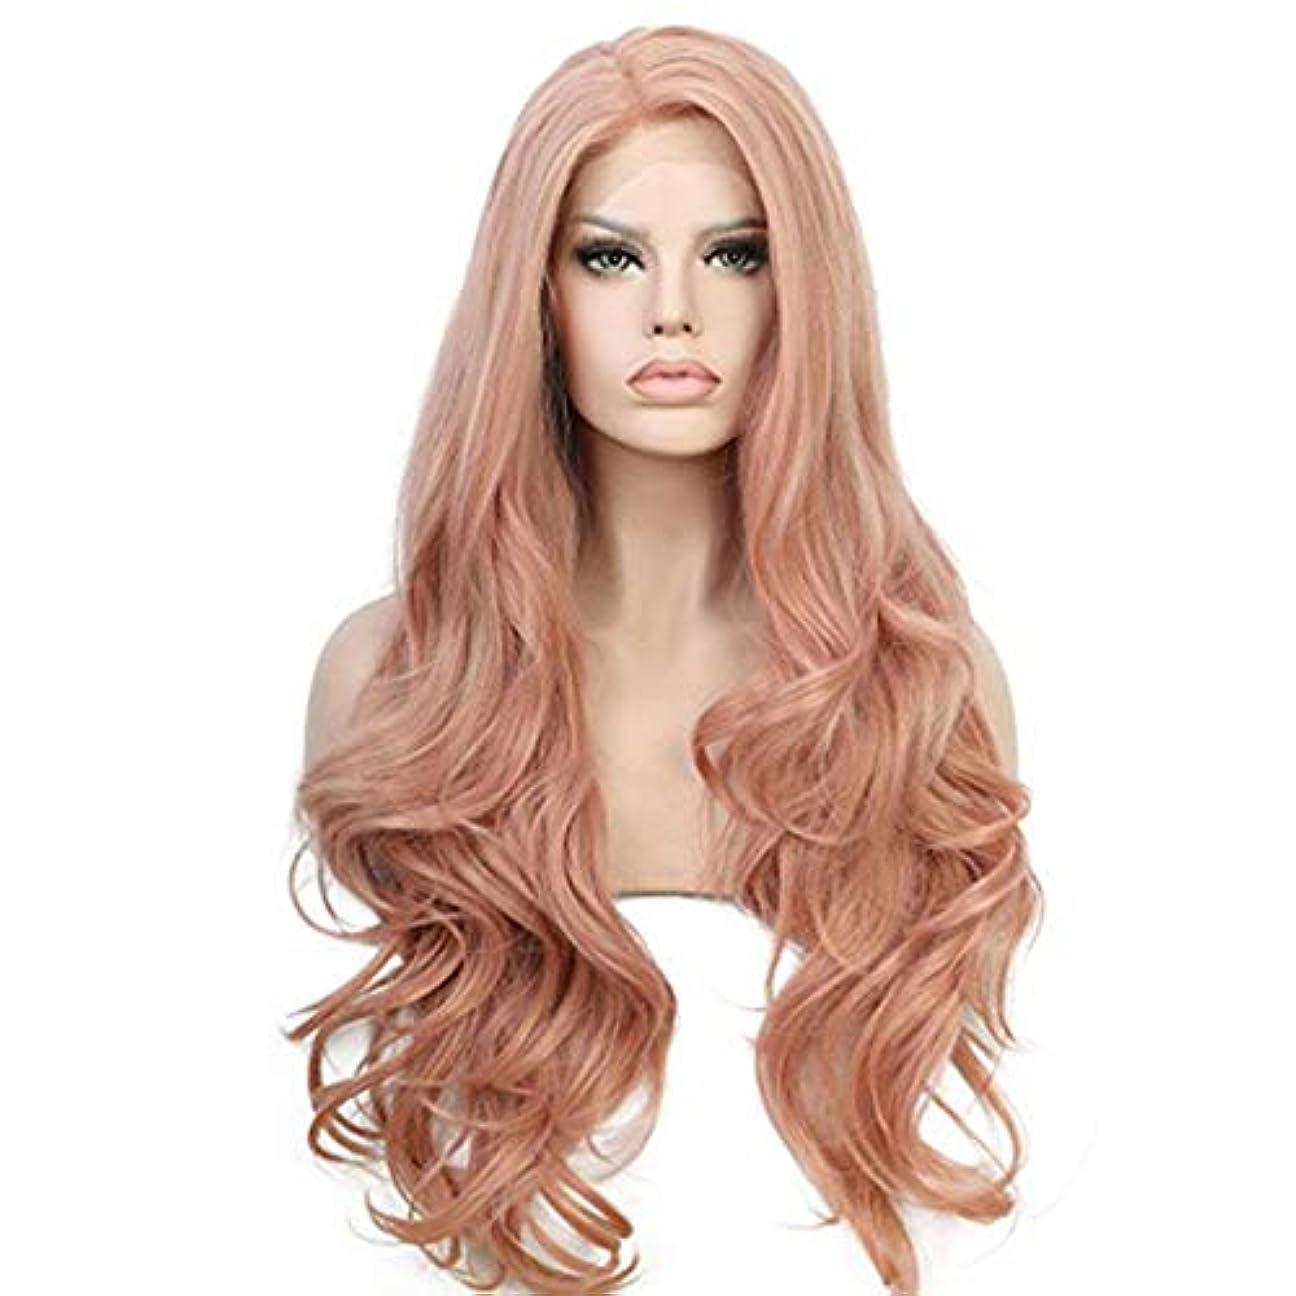 長いです抽象遠征Fuku つけ毛 ピンクのレースの前部かつらグルーレスキャップ熱安全な人工毛の女性のための自然な長波ローズゴールドヘア交換用ウィッグ (色 : ピンク)